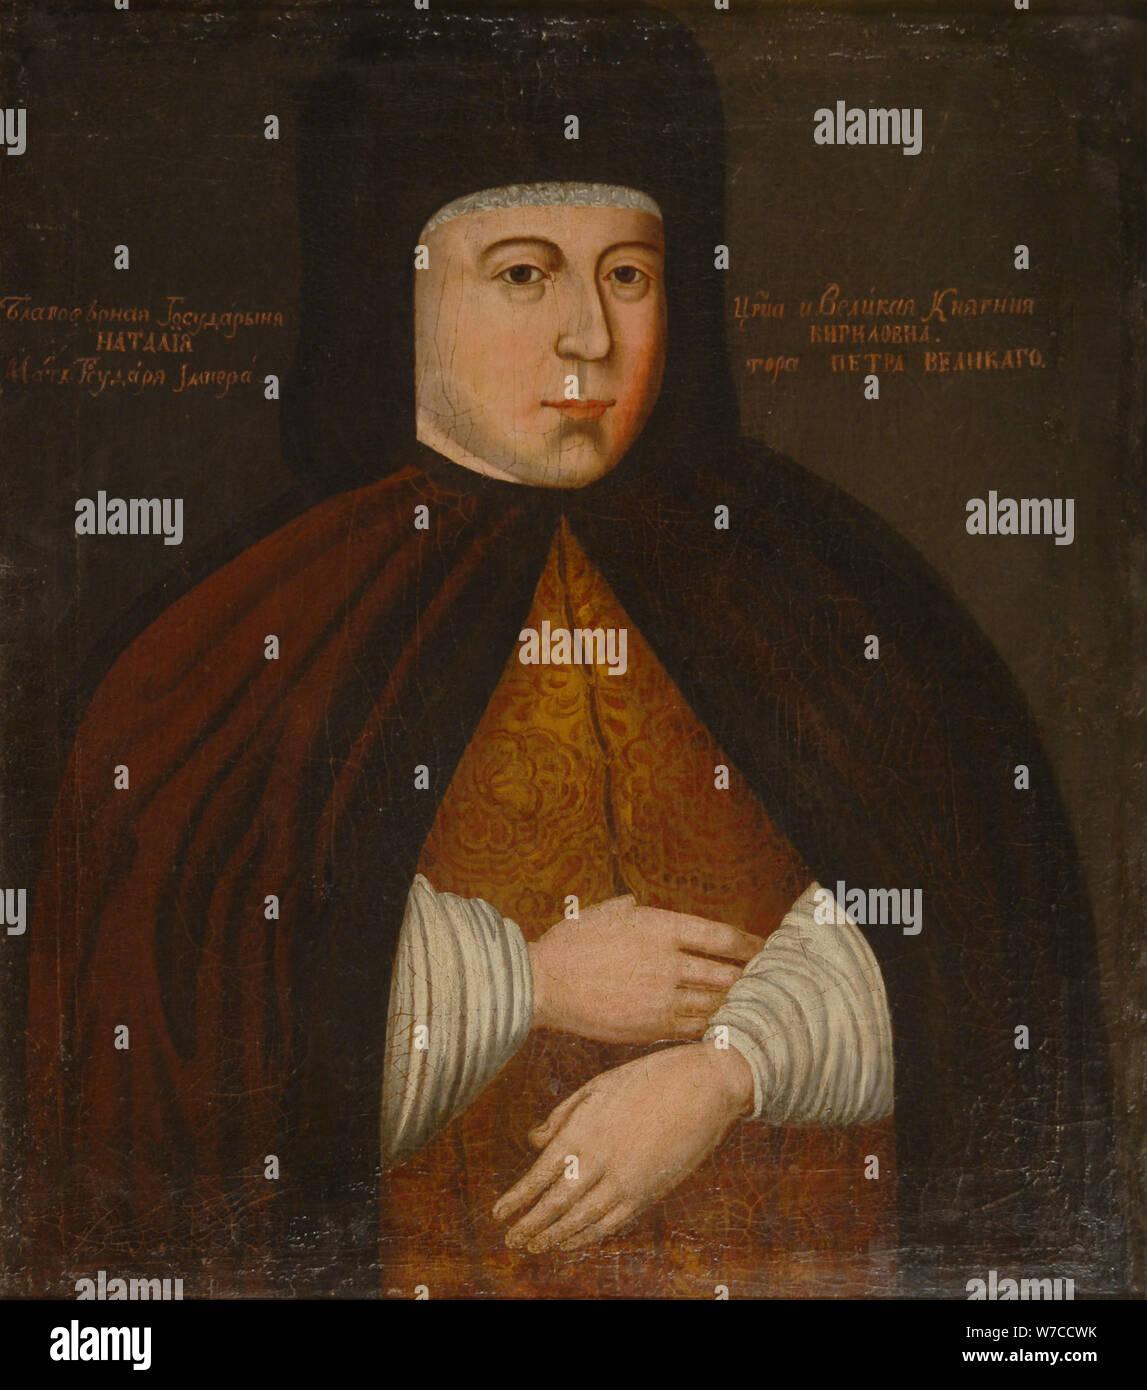 Portrait of the Tsarina Natalia Naryshkina (1651-1694). Stock Photo